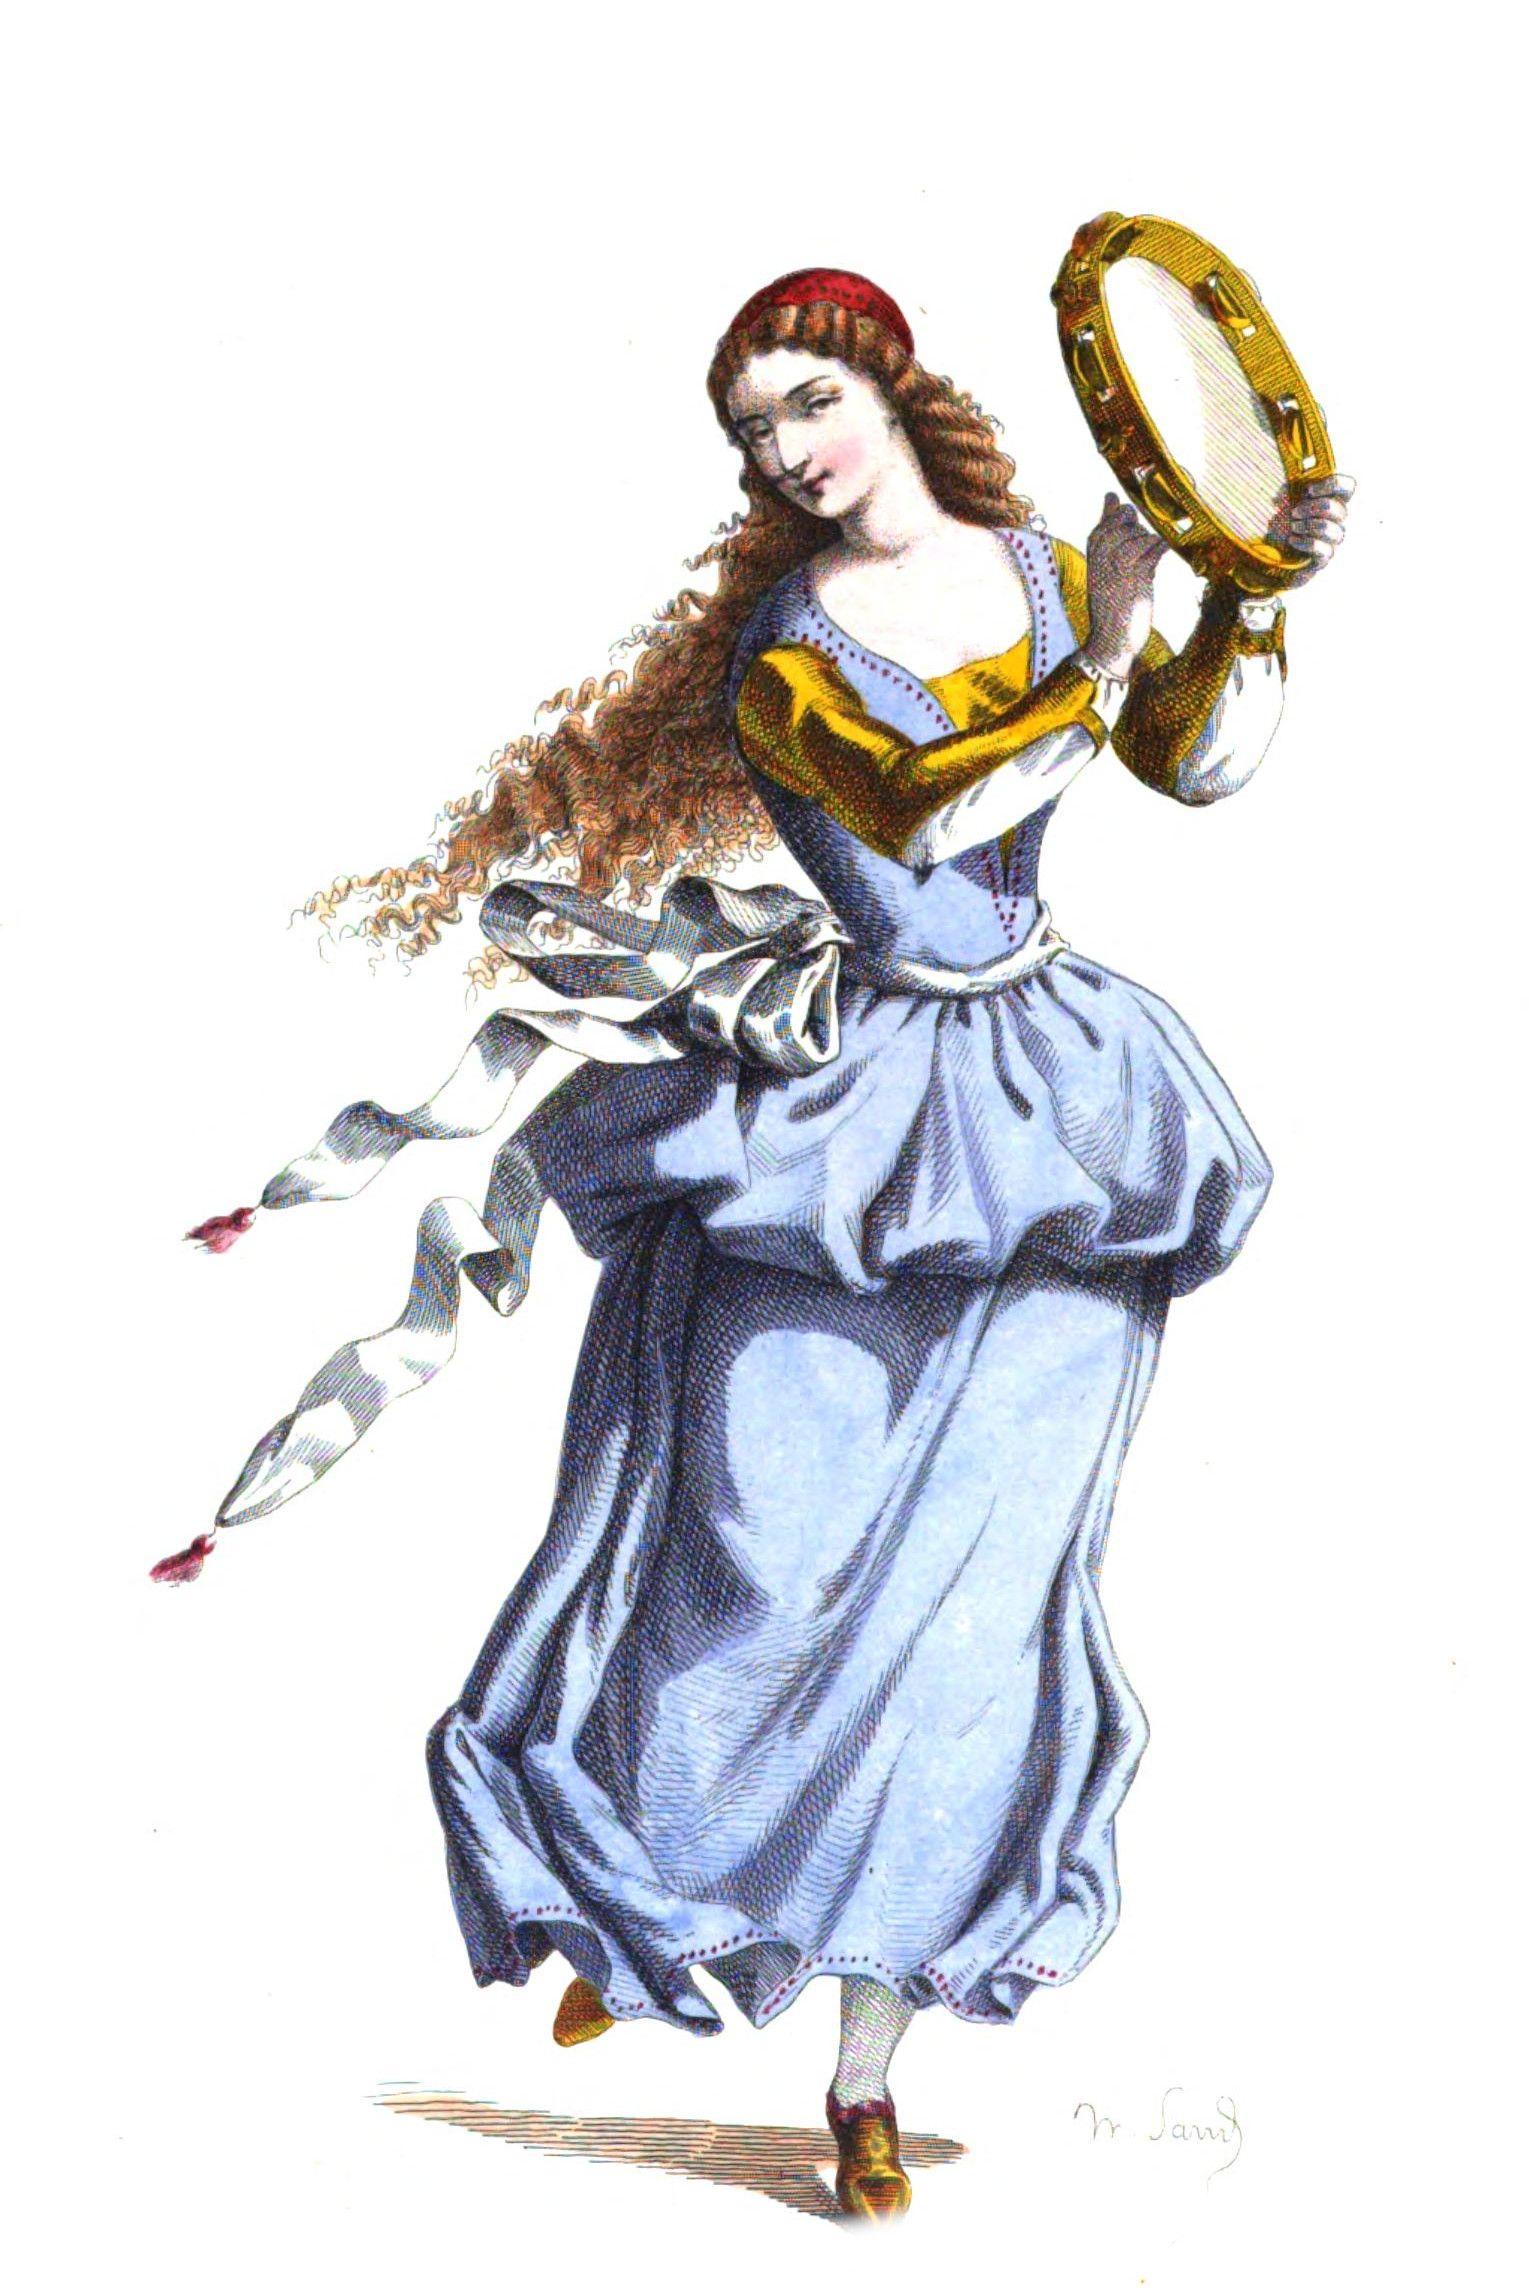 La Ballerine Au Tambourin L Art De La Danse Est Intimement Lie A Celui De La Musique Et Du Theatre Et Surtout De La Pantomime Num Pantomime Art Bouffon